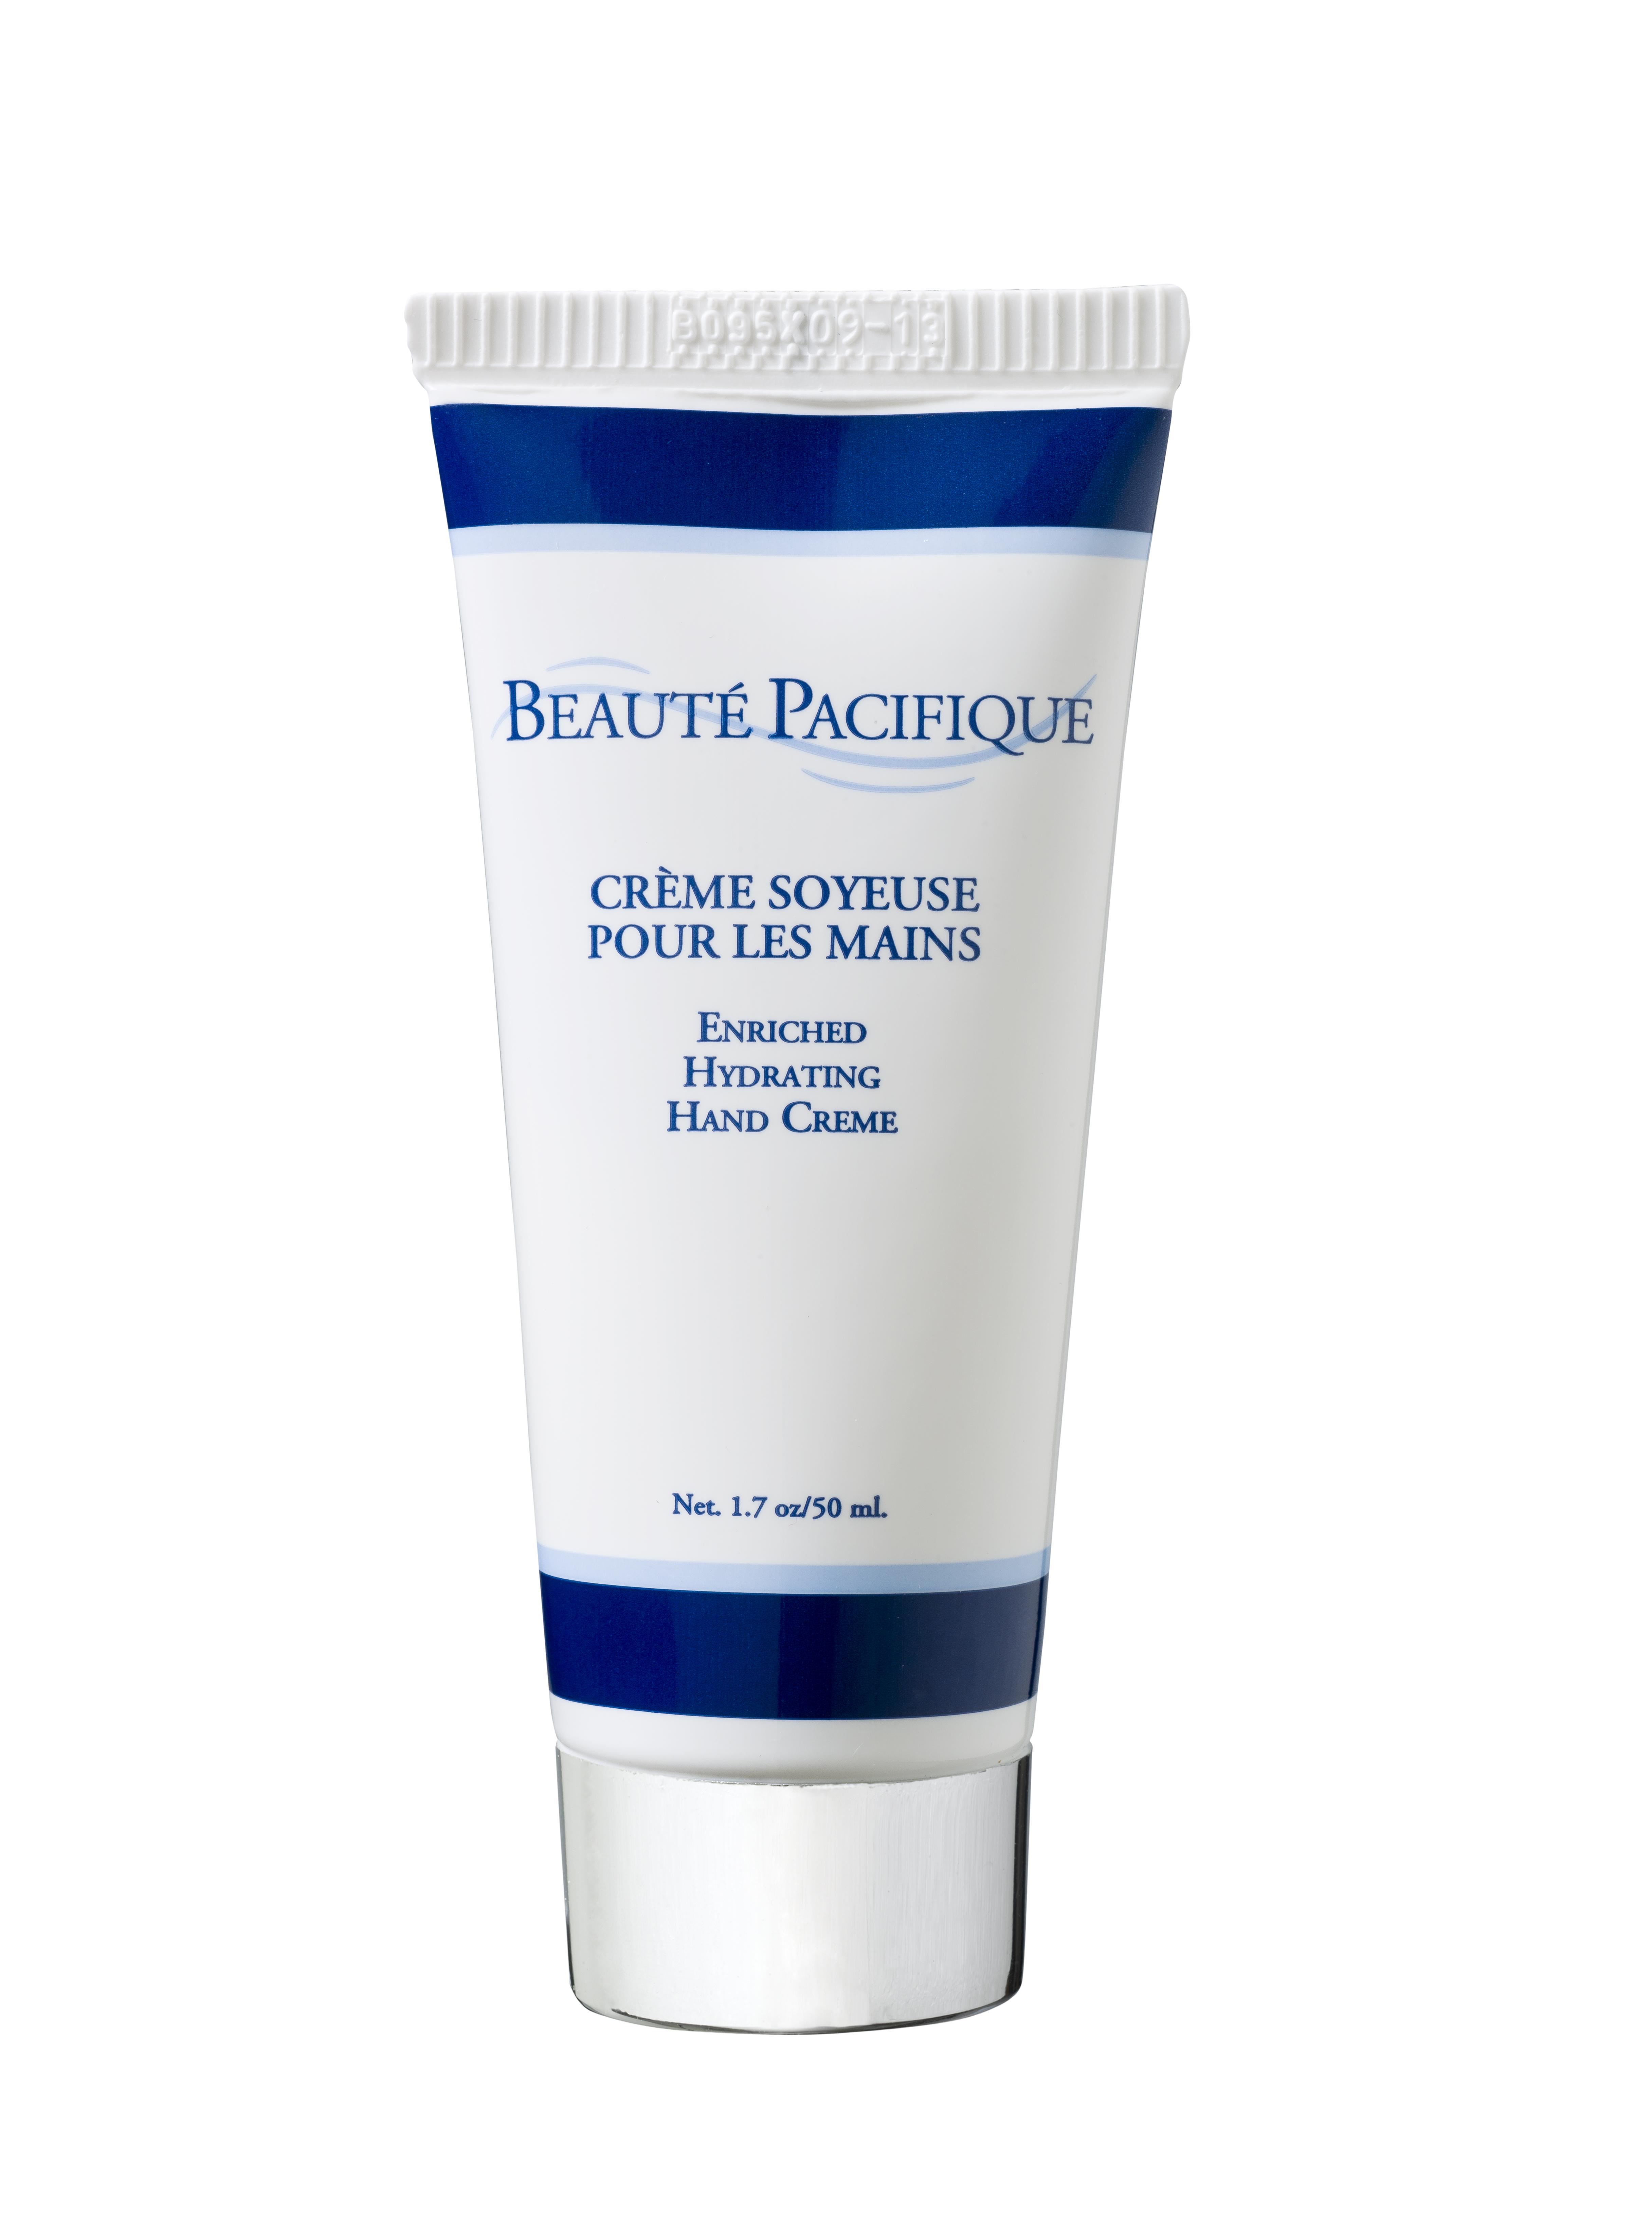 Beauté Pacifique - Enriched Hydrating Hand Creme 50 ml. (tube)